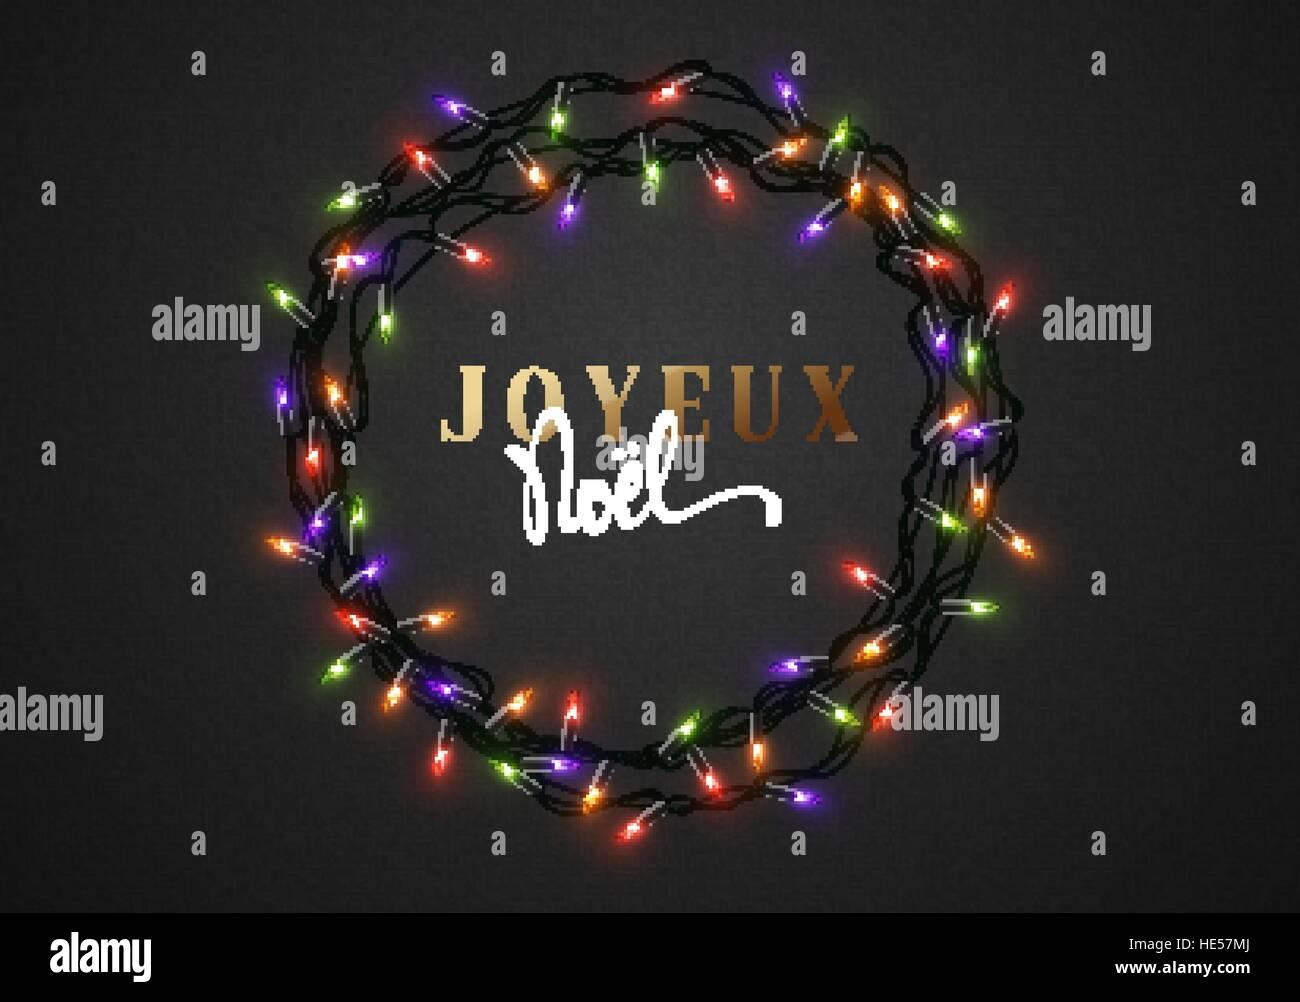 Auguri Di Buon Natale Francese.Auguri Di Buon Natale Iscrizione Francese Joyeux Noel